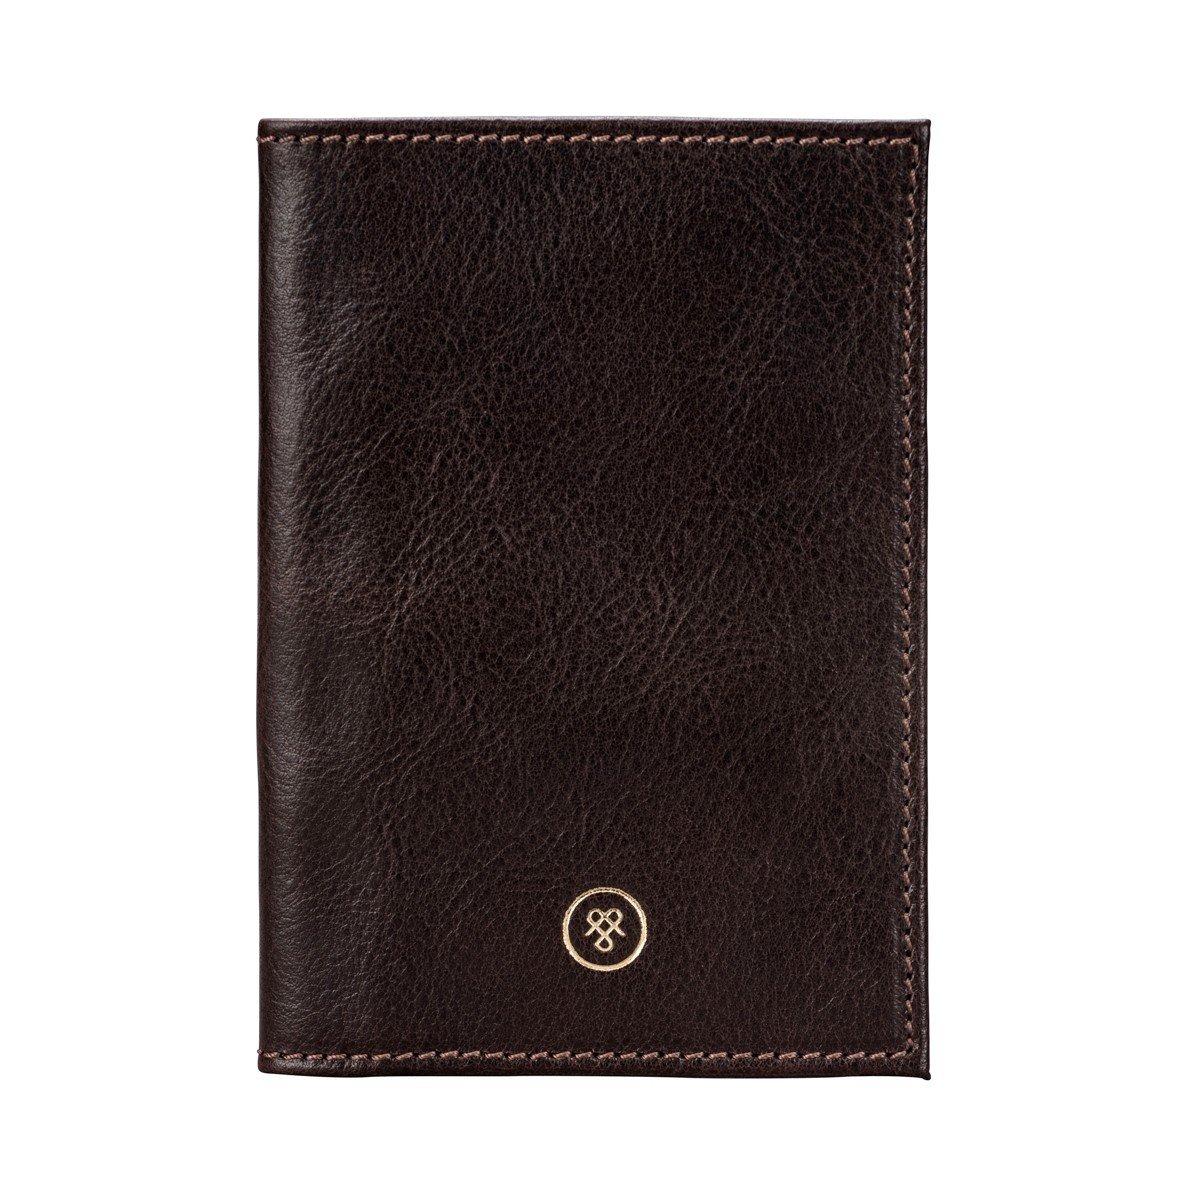 Maxwell Scott Personalized Brown Italian Leather Passport Cover (Prato)